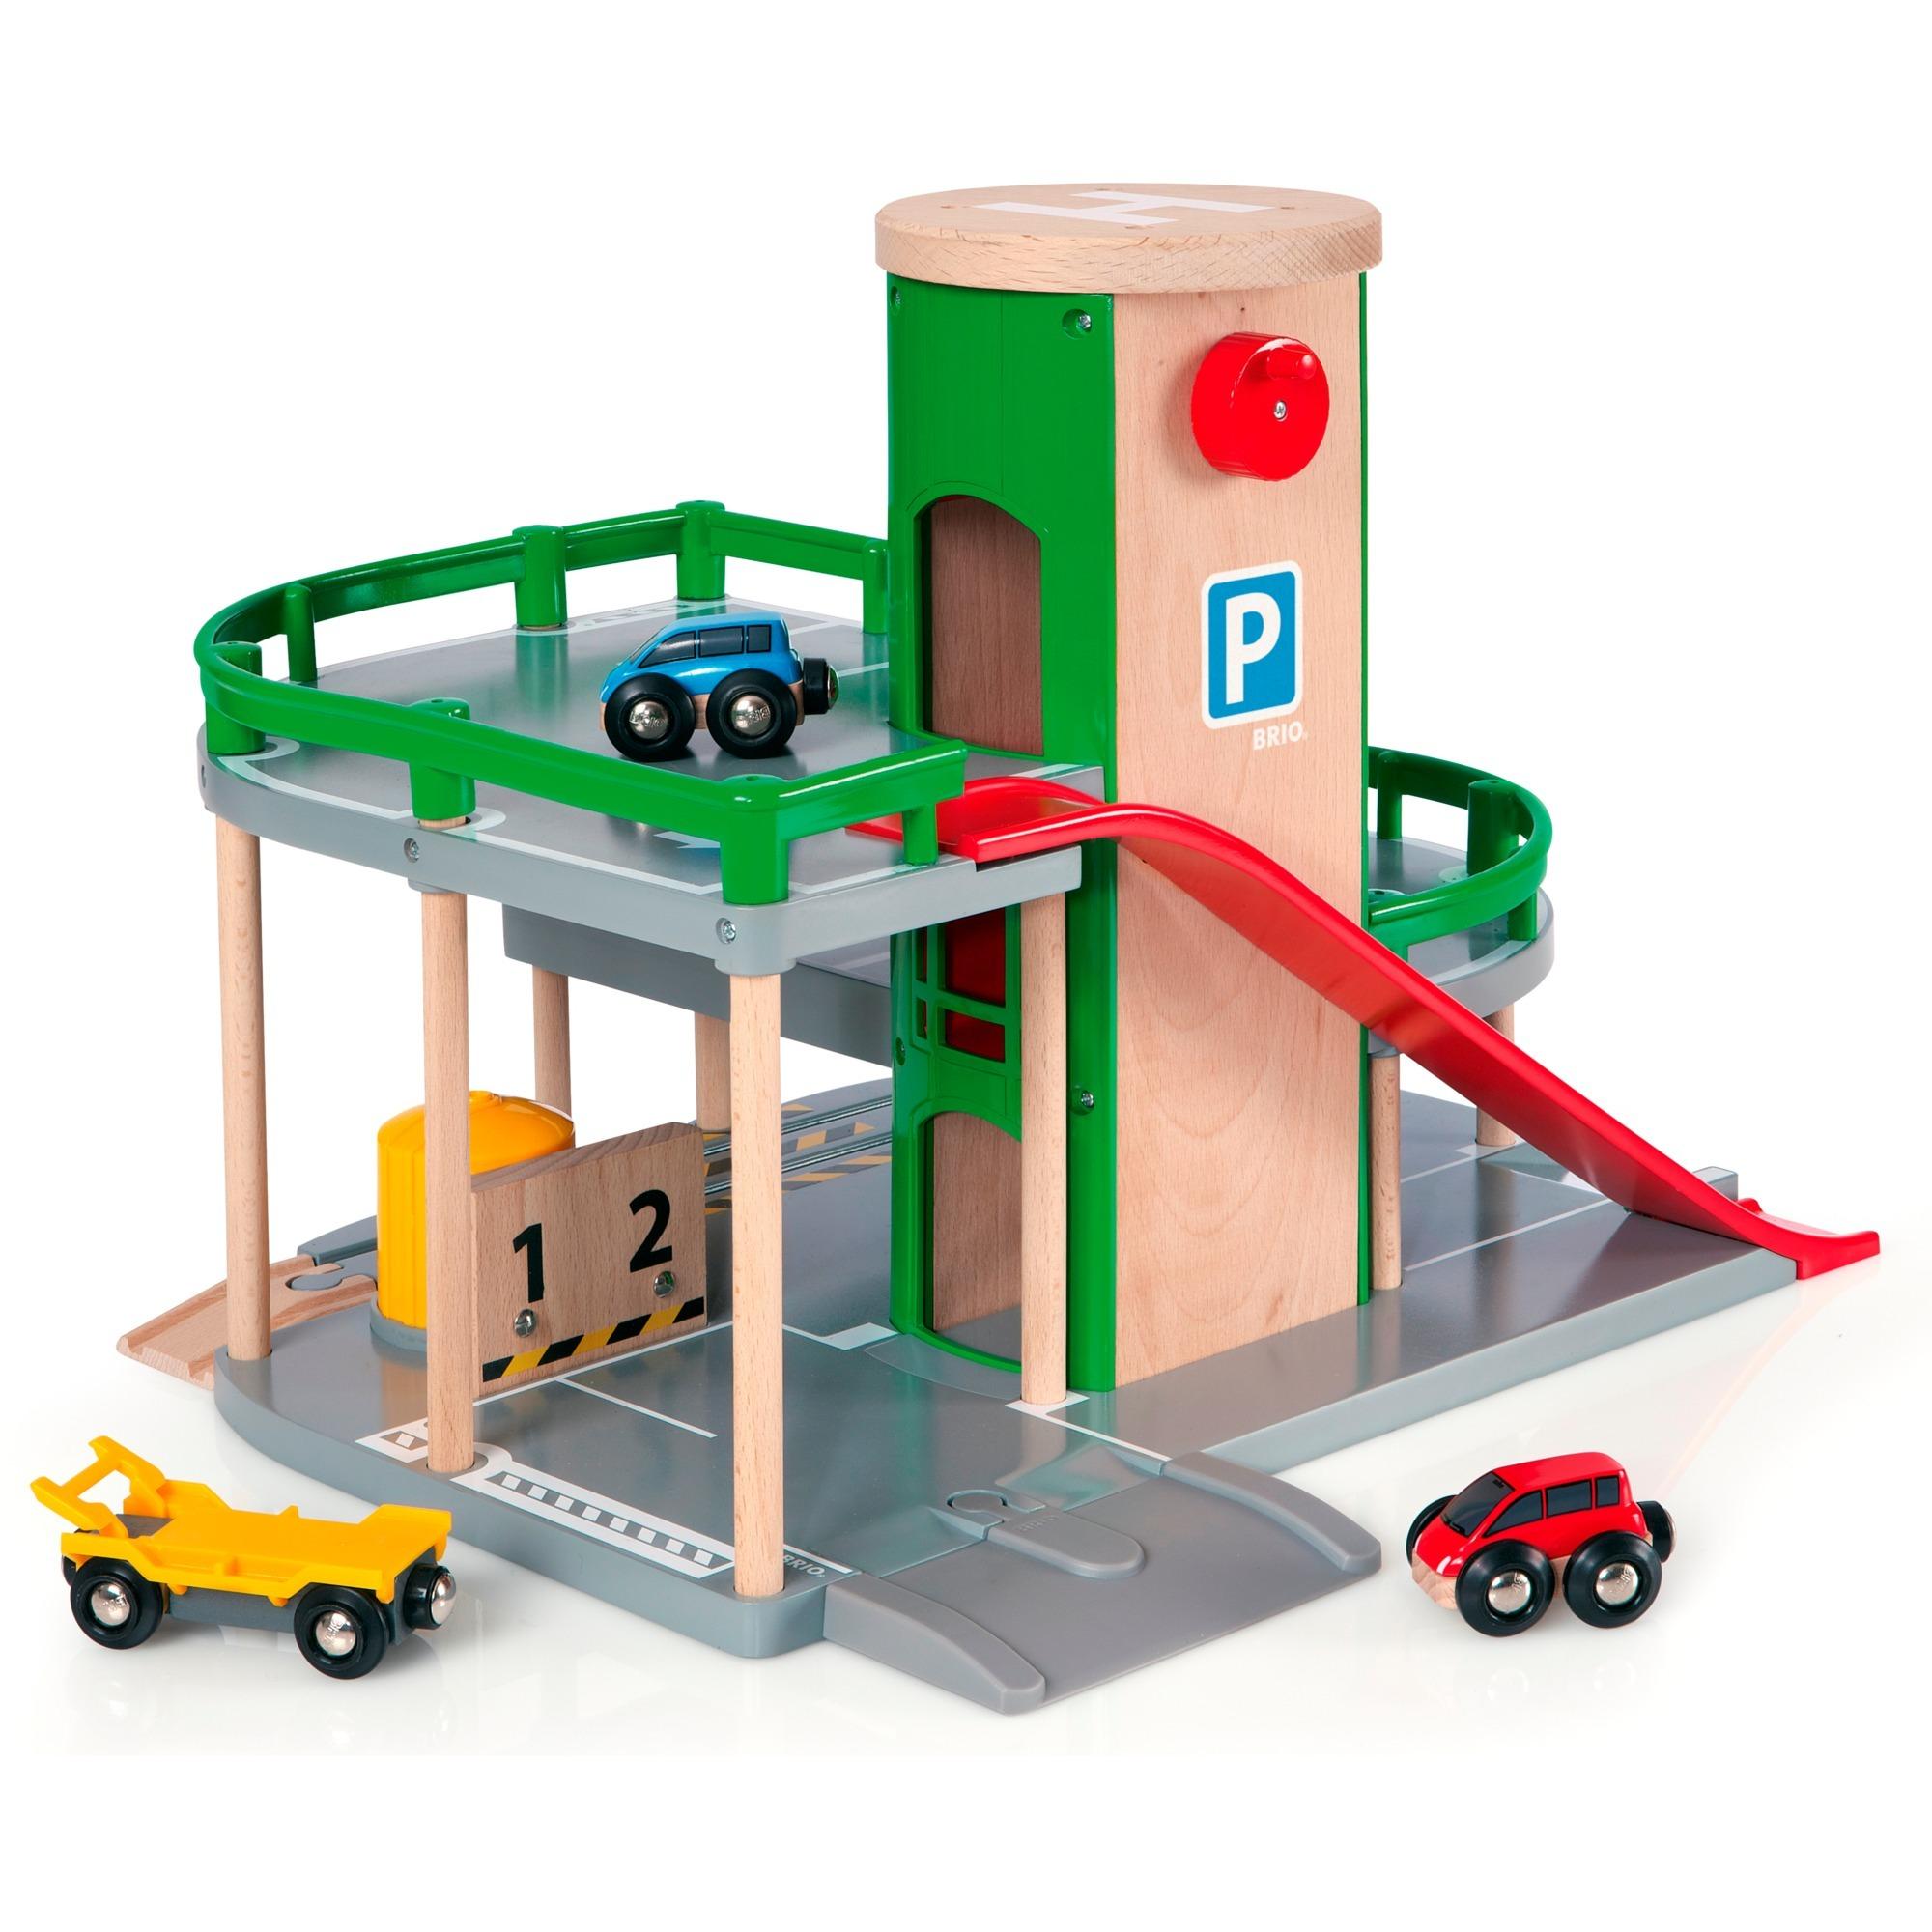 33204 Aparcamiento para vehículos, Juego de construcción